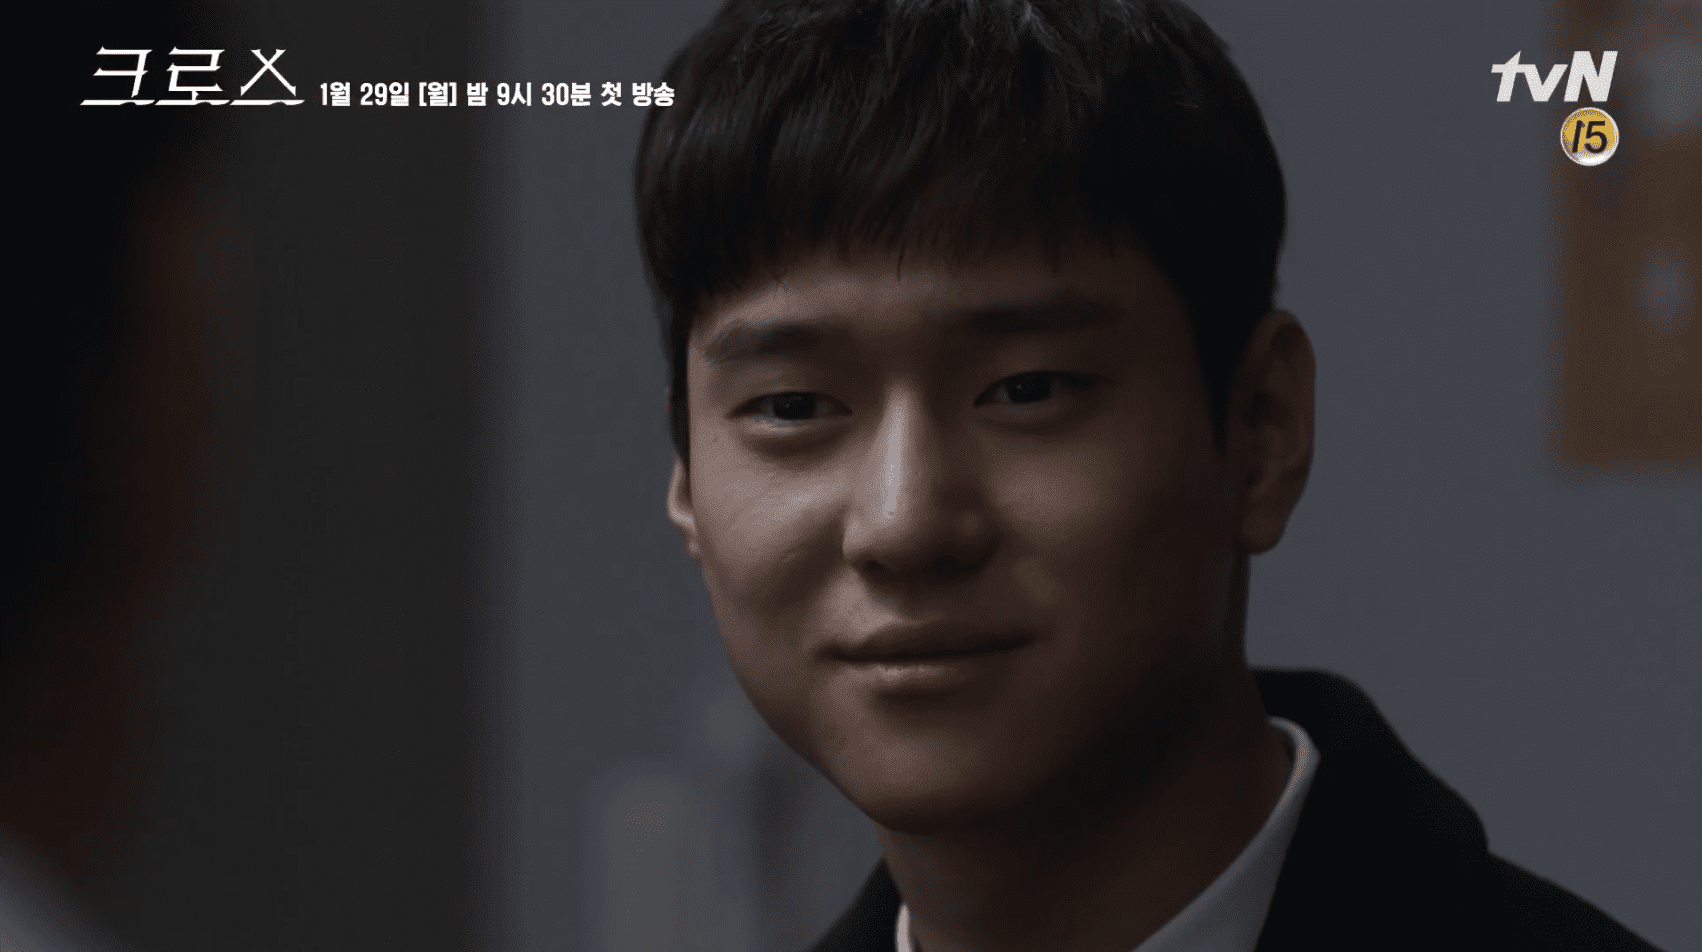 """Go Kyung Pyo va hacia un camino oscuro en el teaser del nuevo drama médico """"Cross"""""""